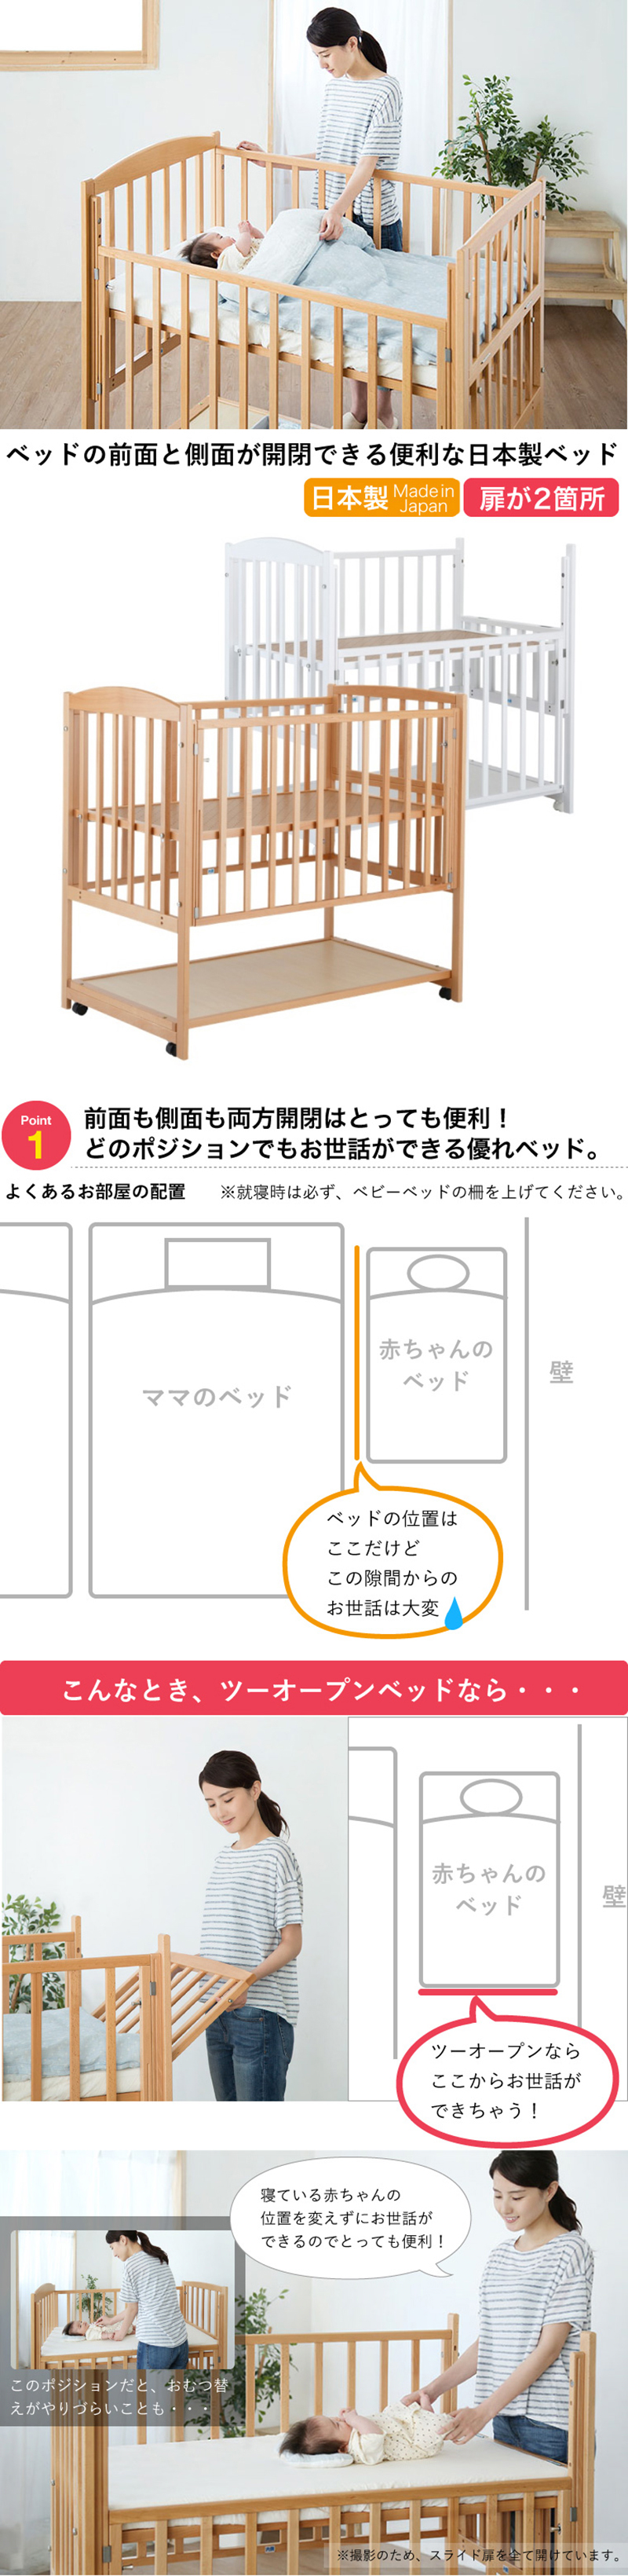 katoji-baby-bed-1.jpg